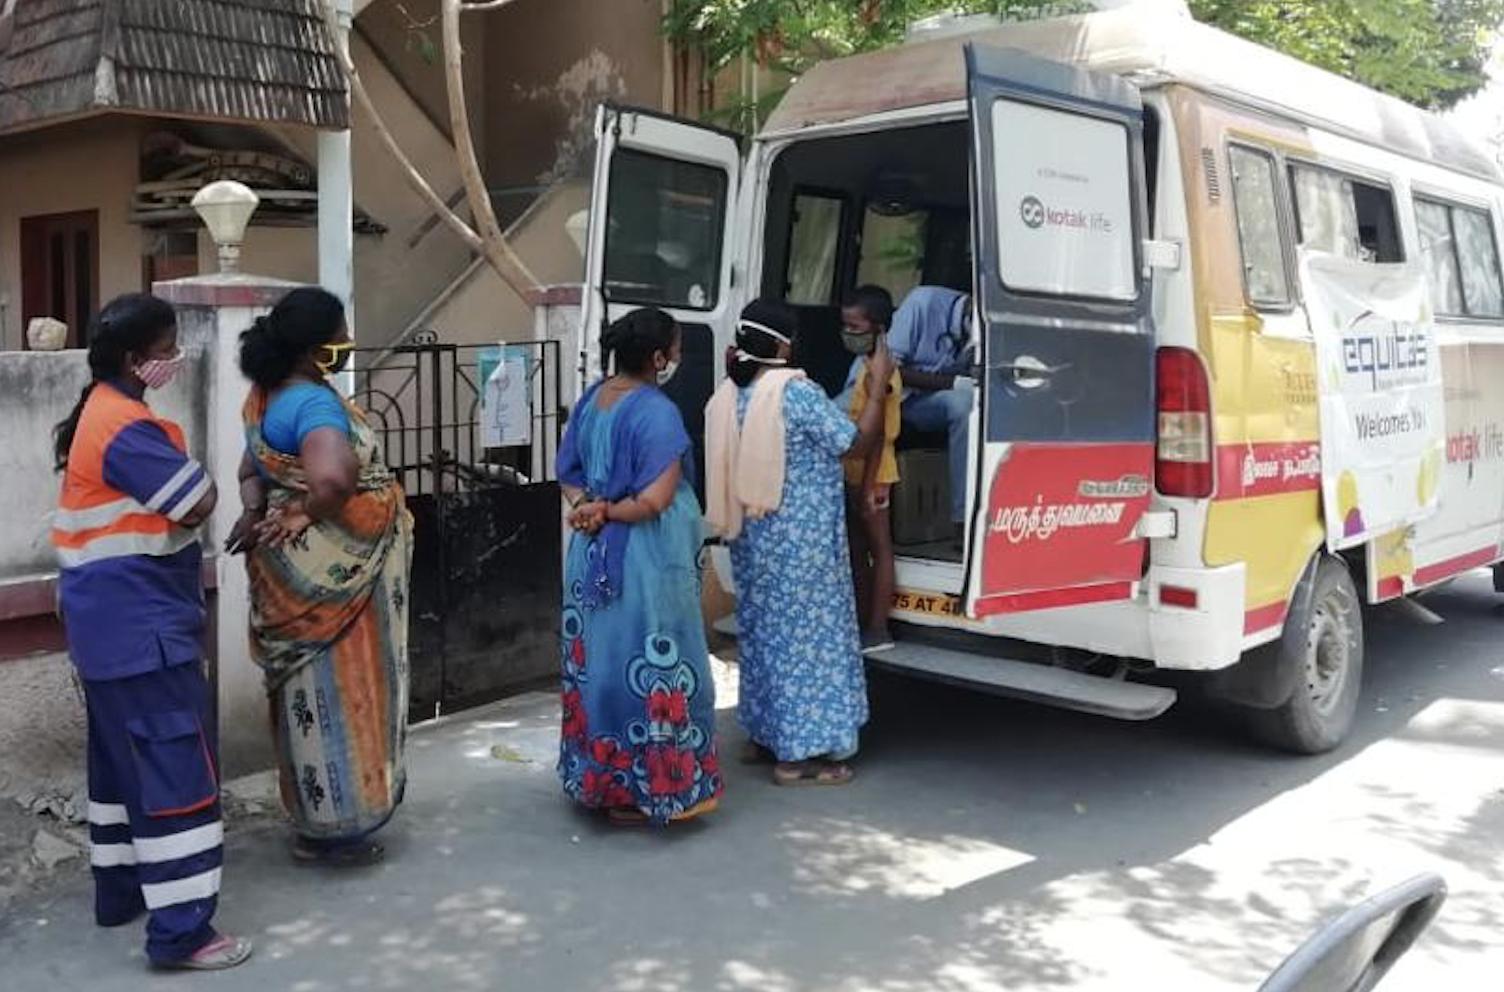 women wait in line at equitas vaccine van